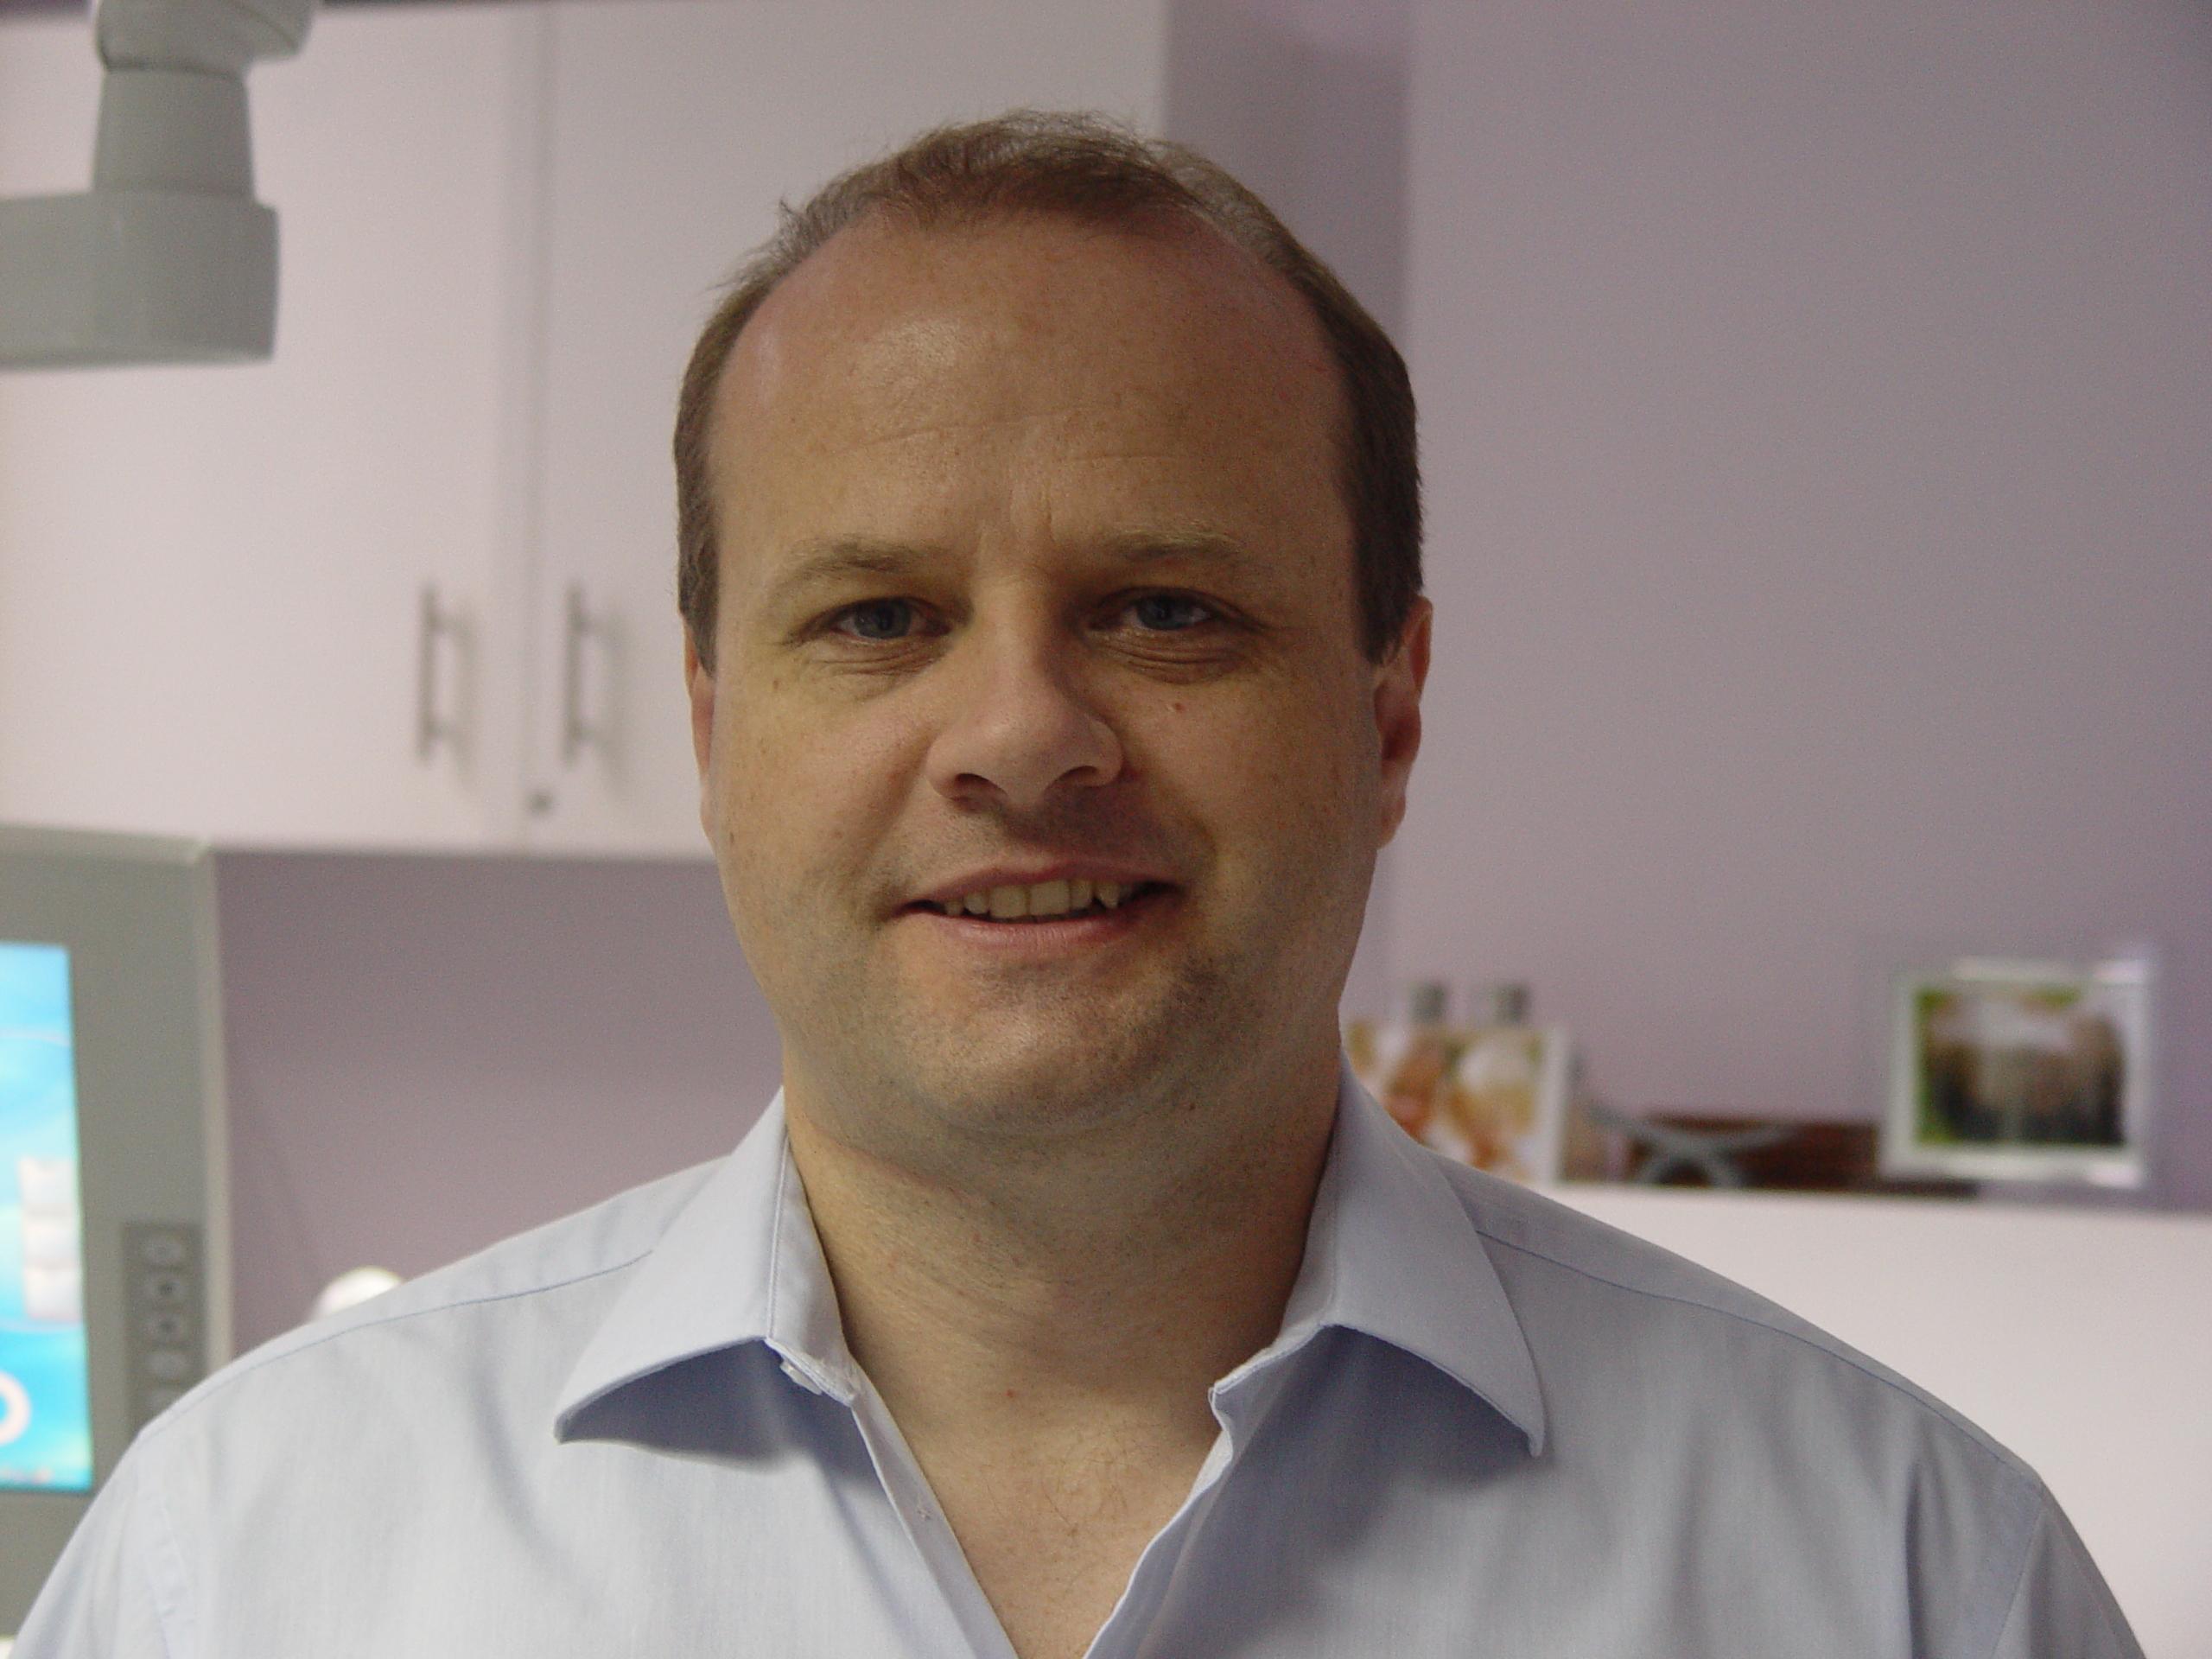 David Hefferon Holistic Dentist N Ireland, David Hefferon Mercury-Free Dentist N Ireland, David Hefferon Biological Dentist N Ireland, Holistic Dentist, Mercury-Free Dentist, Holistic Dentist Uk, Holistic Dentistry, Mercury-free Dentistry, Biological Dentistry,